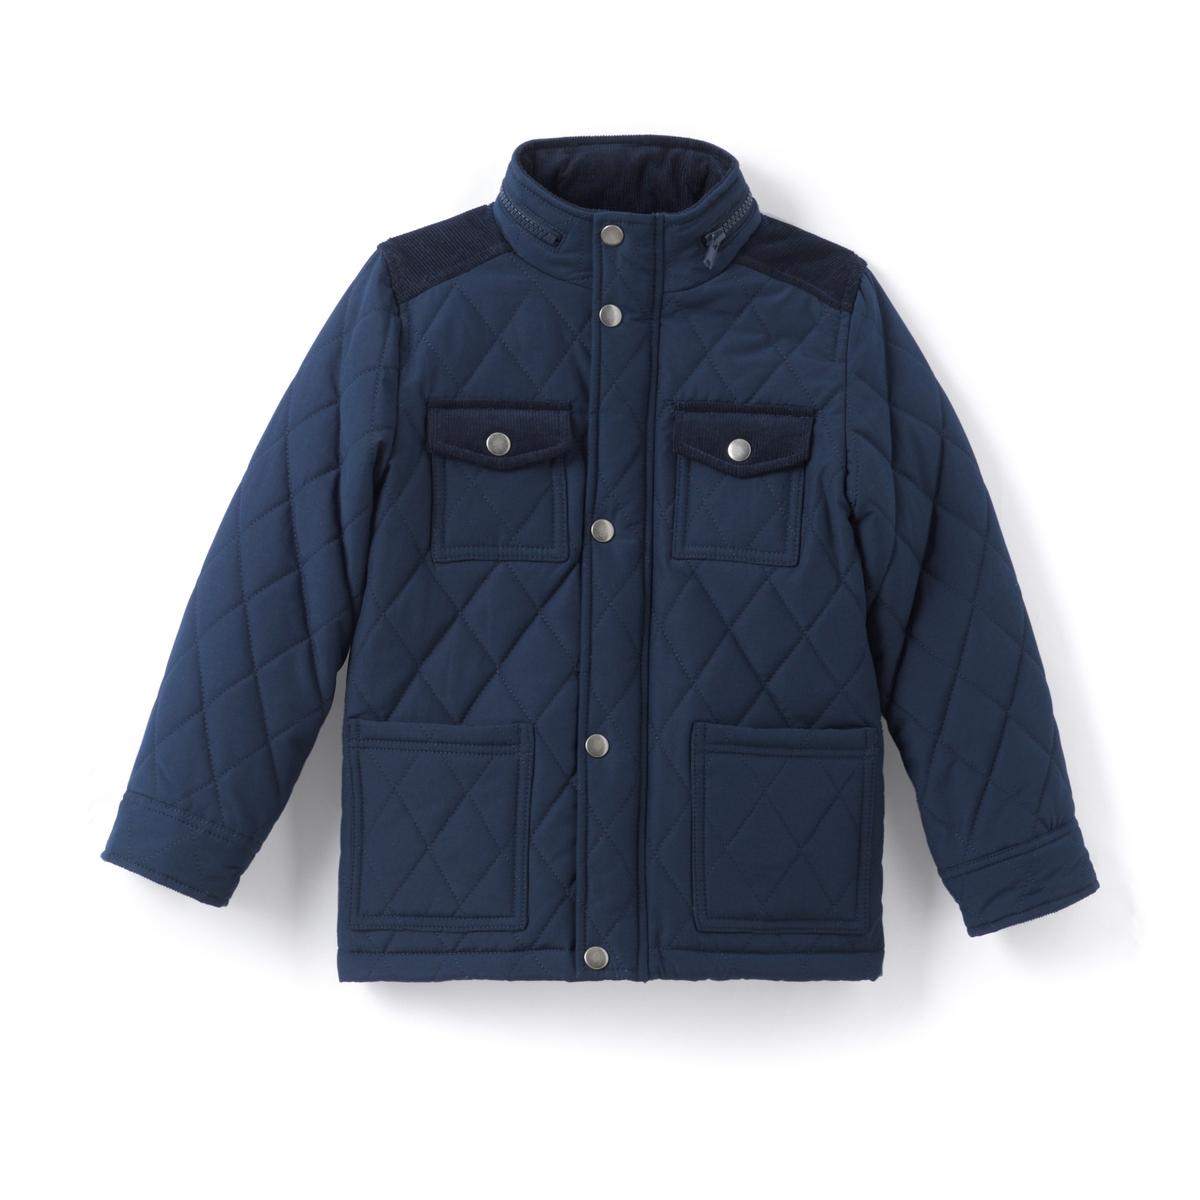 Куртка охотничья, 3-12 лет